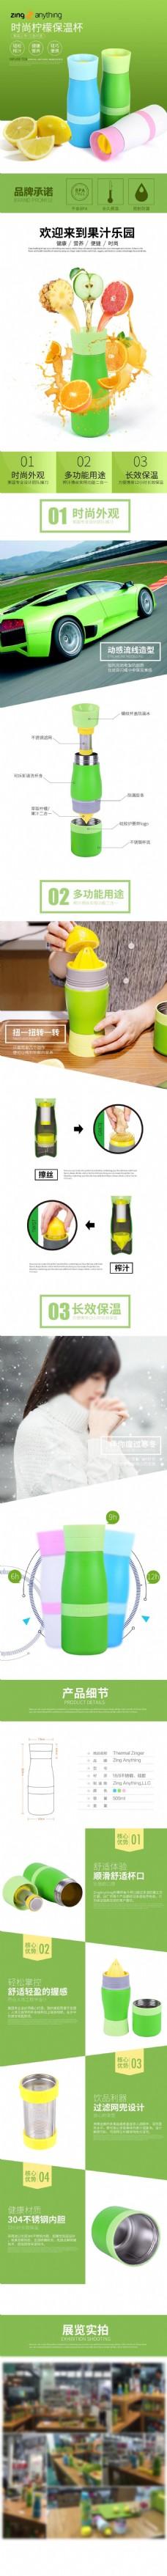 柠檬保温杯详情页图片